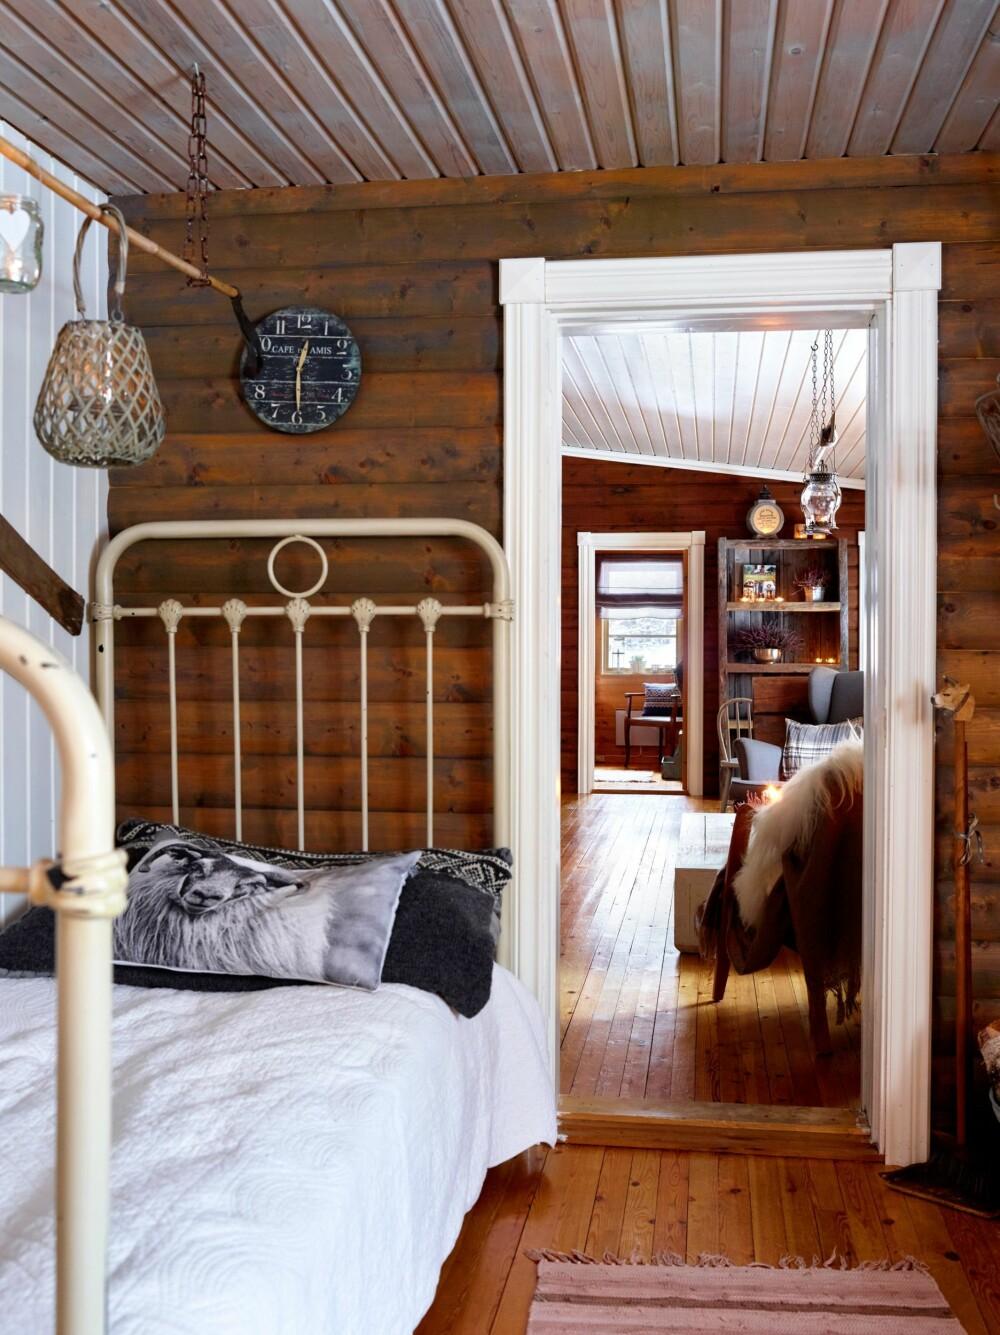 KOSEKROK: I hjørnet av spisestuen er det blitt innredet en kosekrok med en gammel seng.  Den brukes aller mest av hunden Evelina.